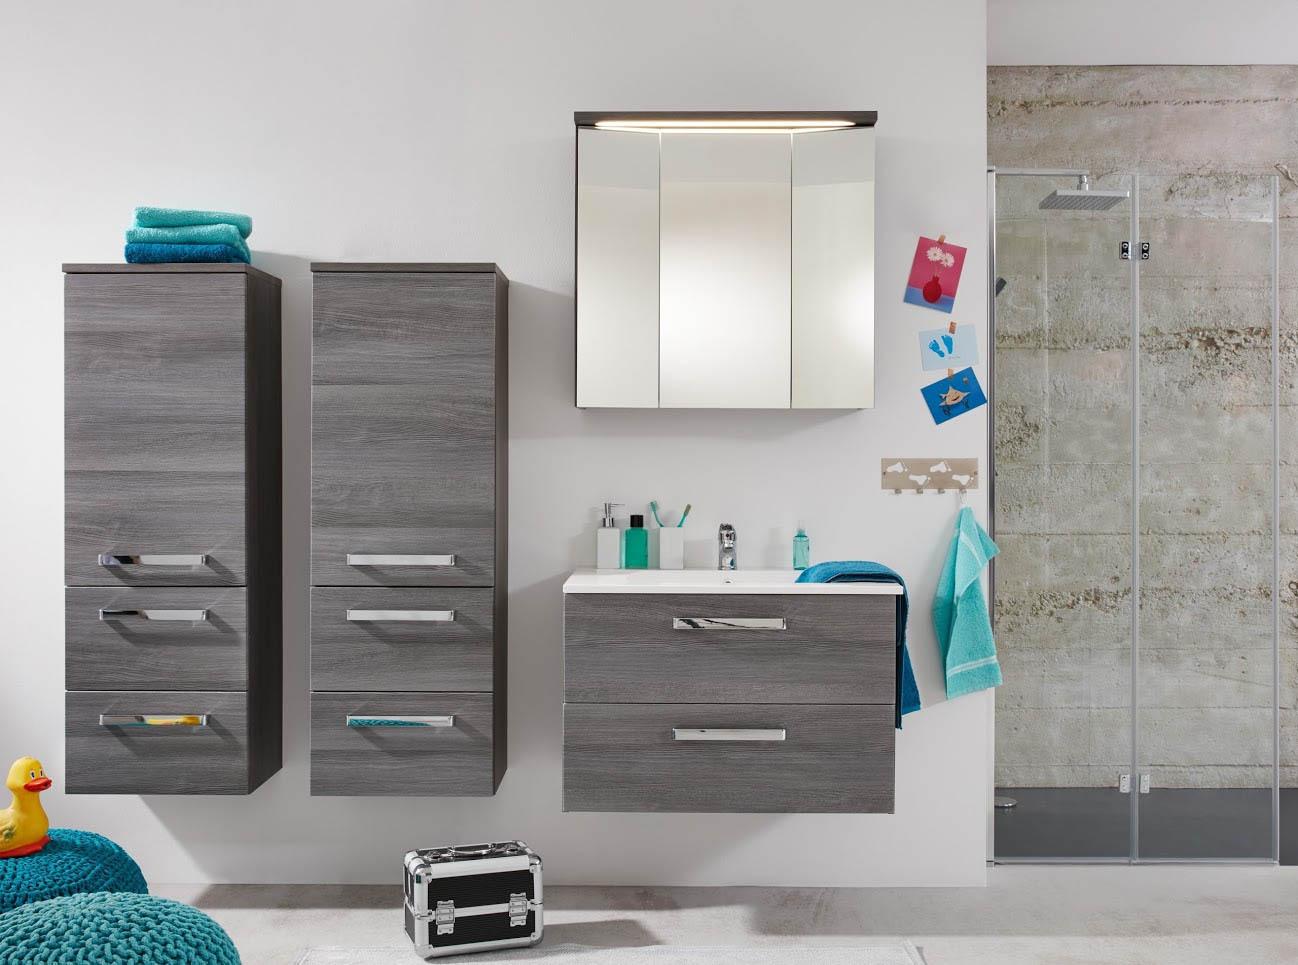 Composizione per bagno Abram, mobili moderni in due colori